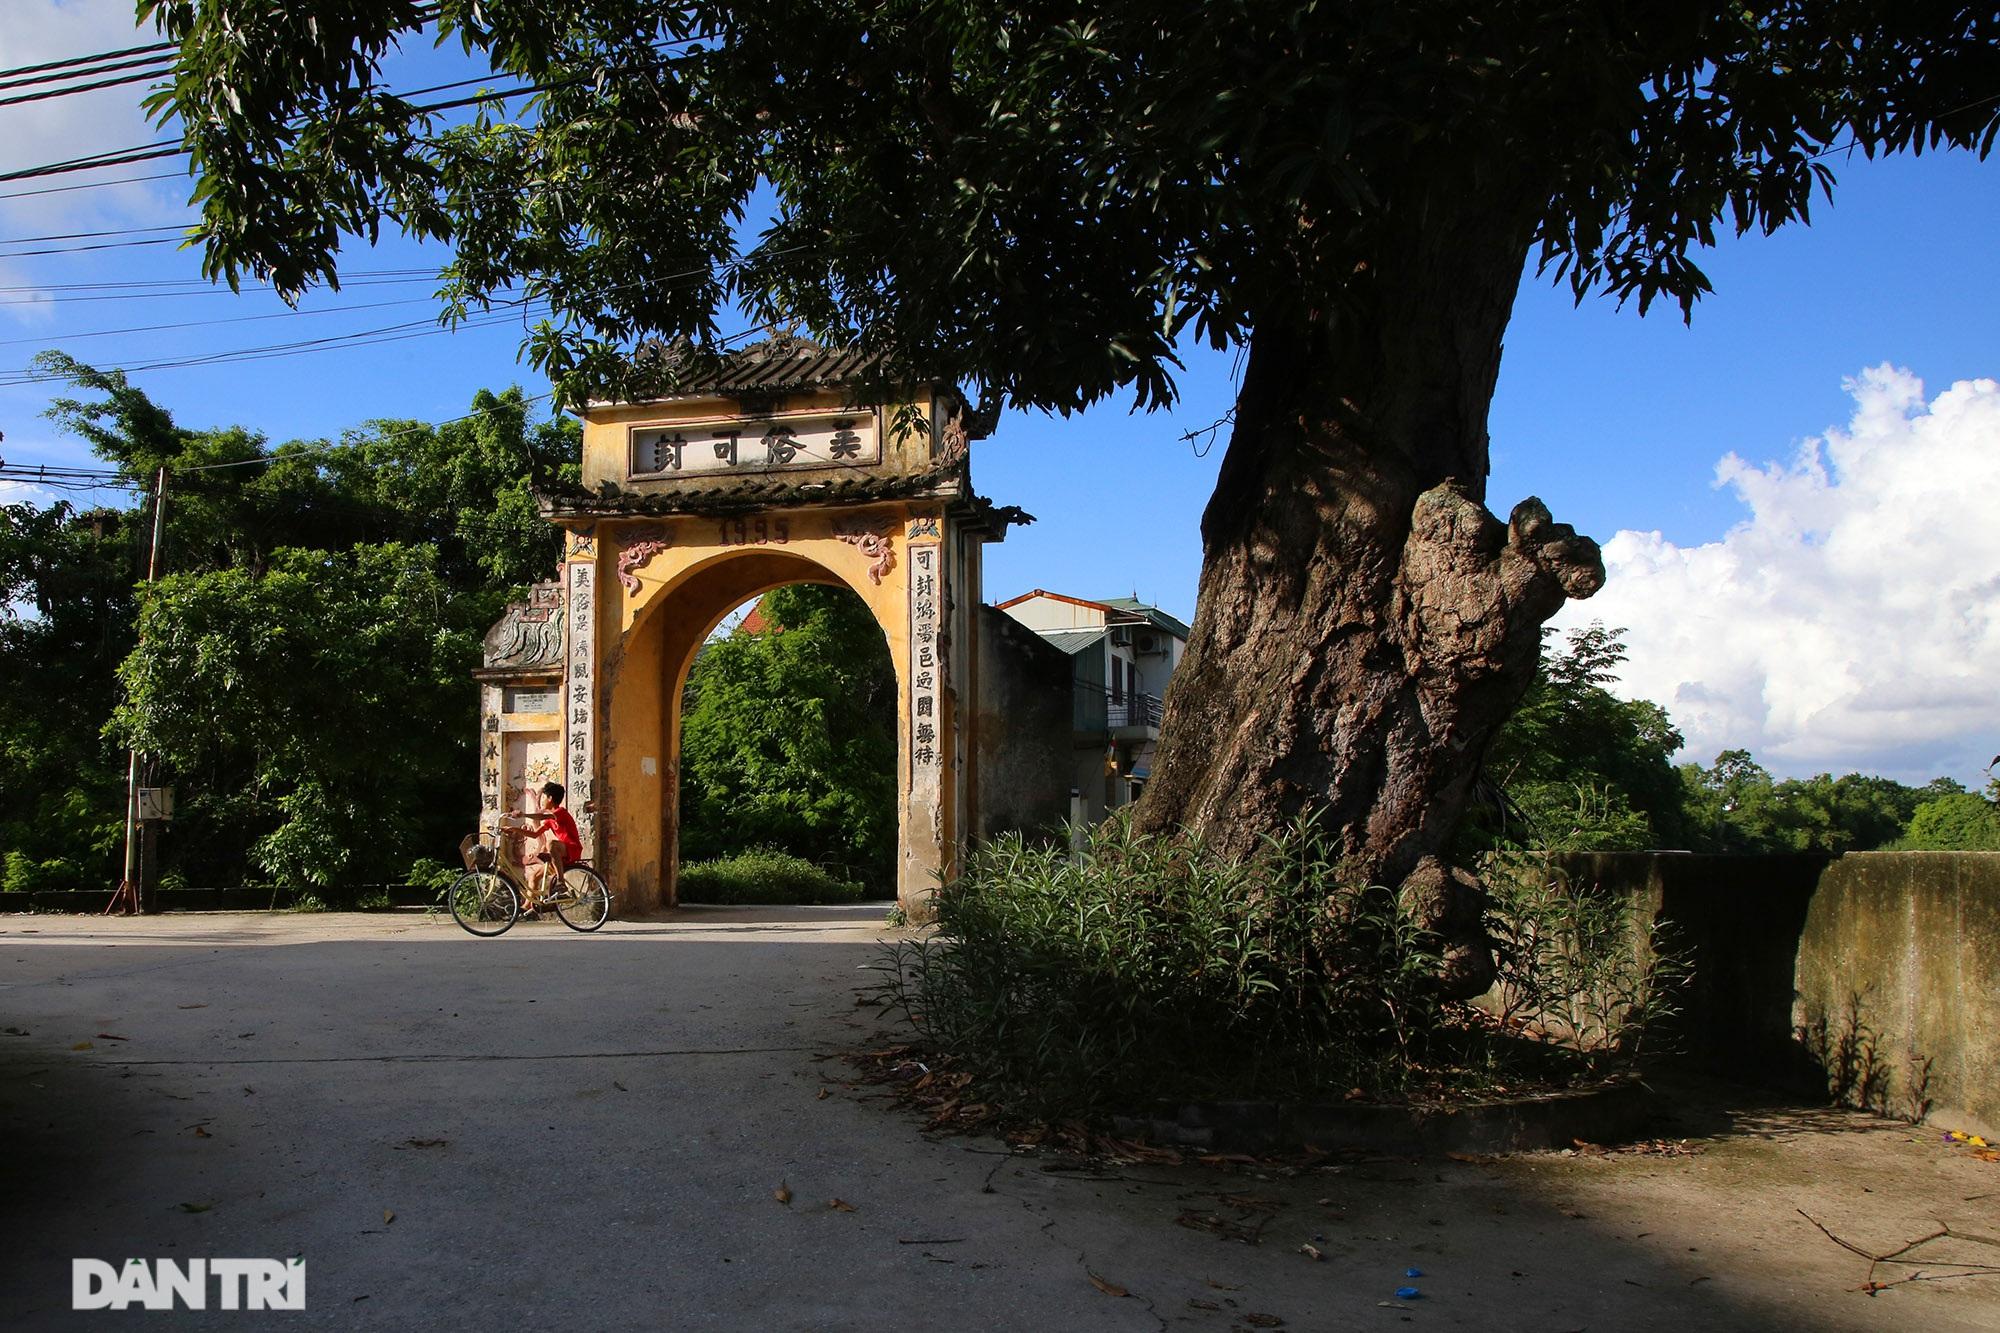 Làng cổ nghìn năm tuổi nổi tiếng giàu có nay là của hiếm ở Hà Nội - 10